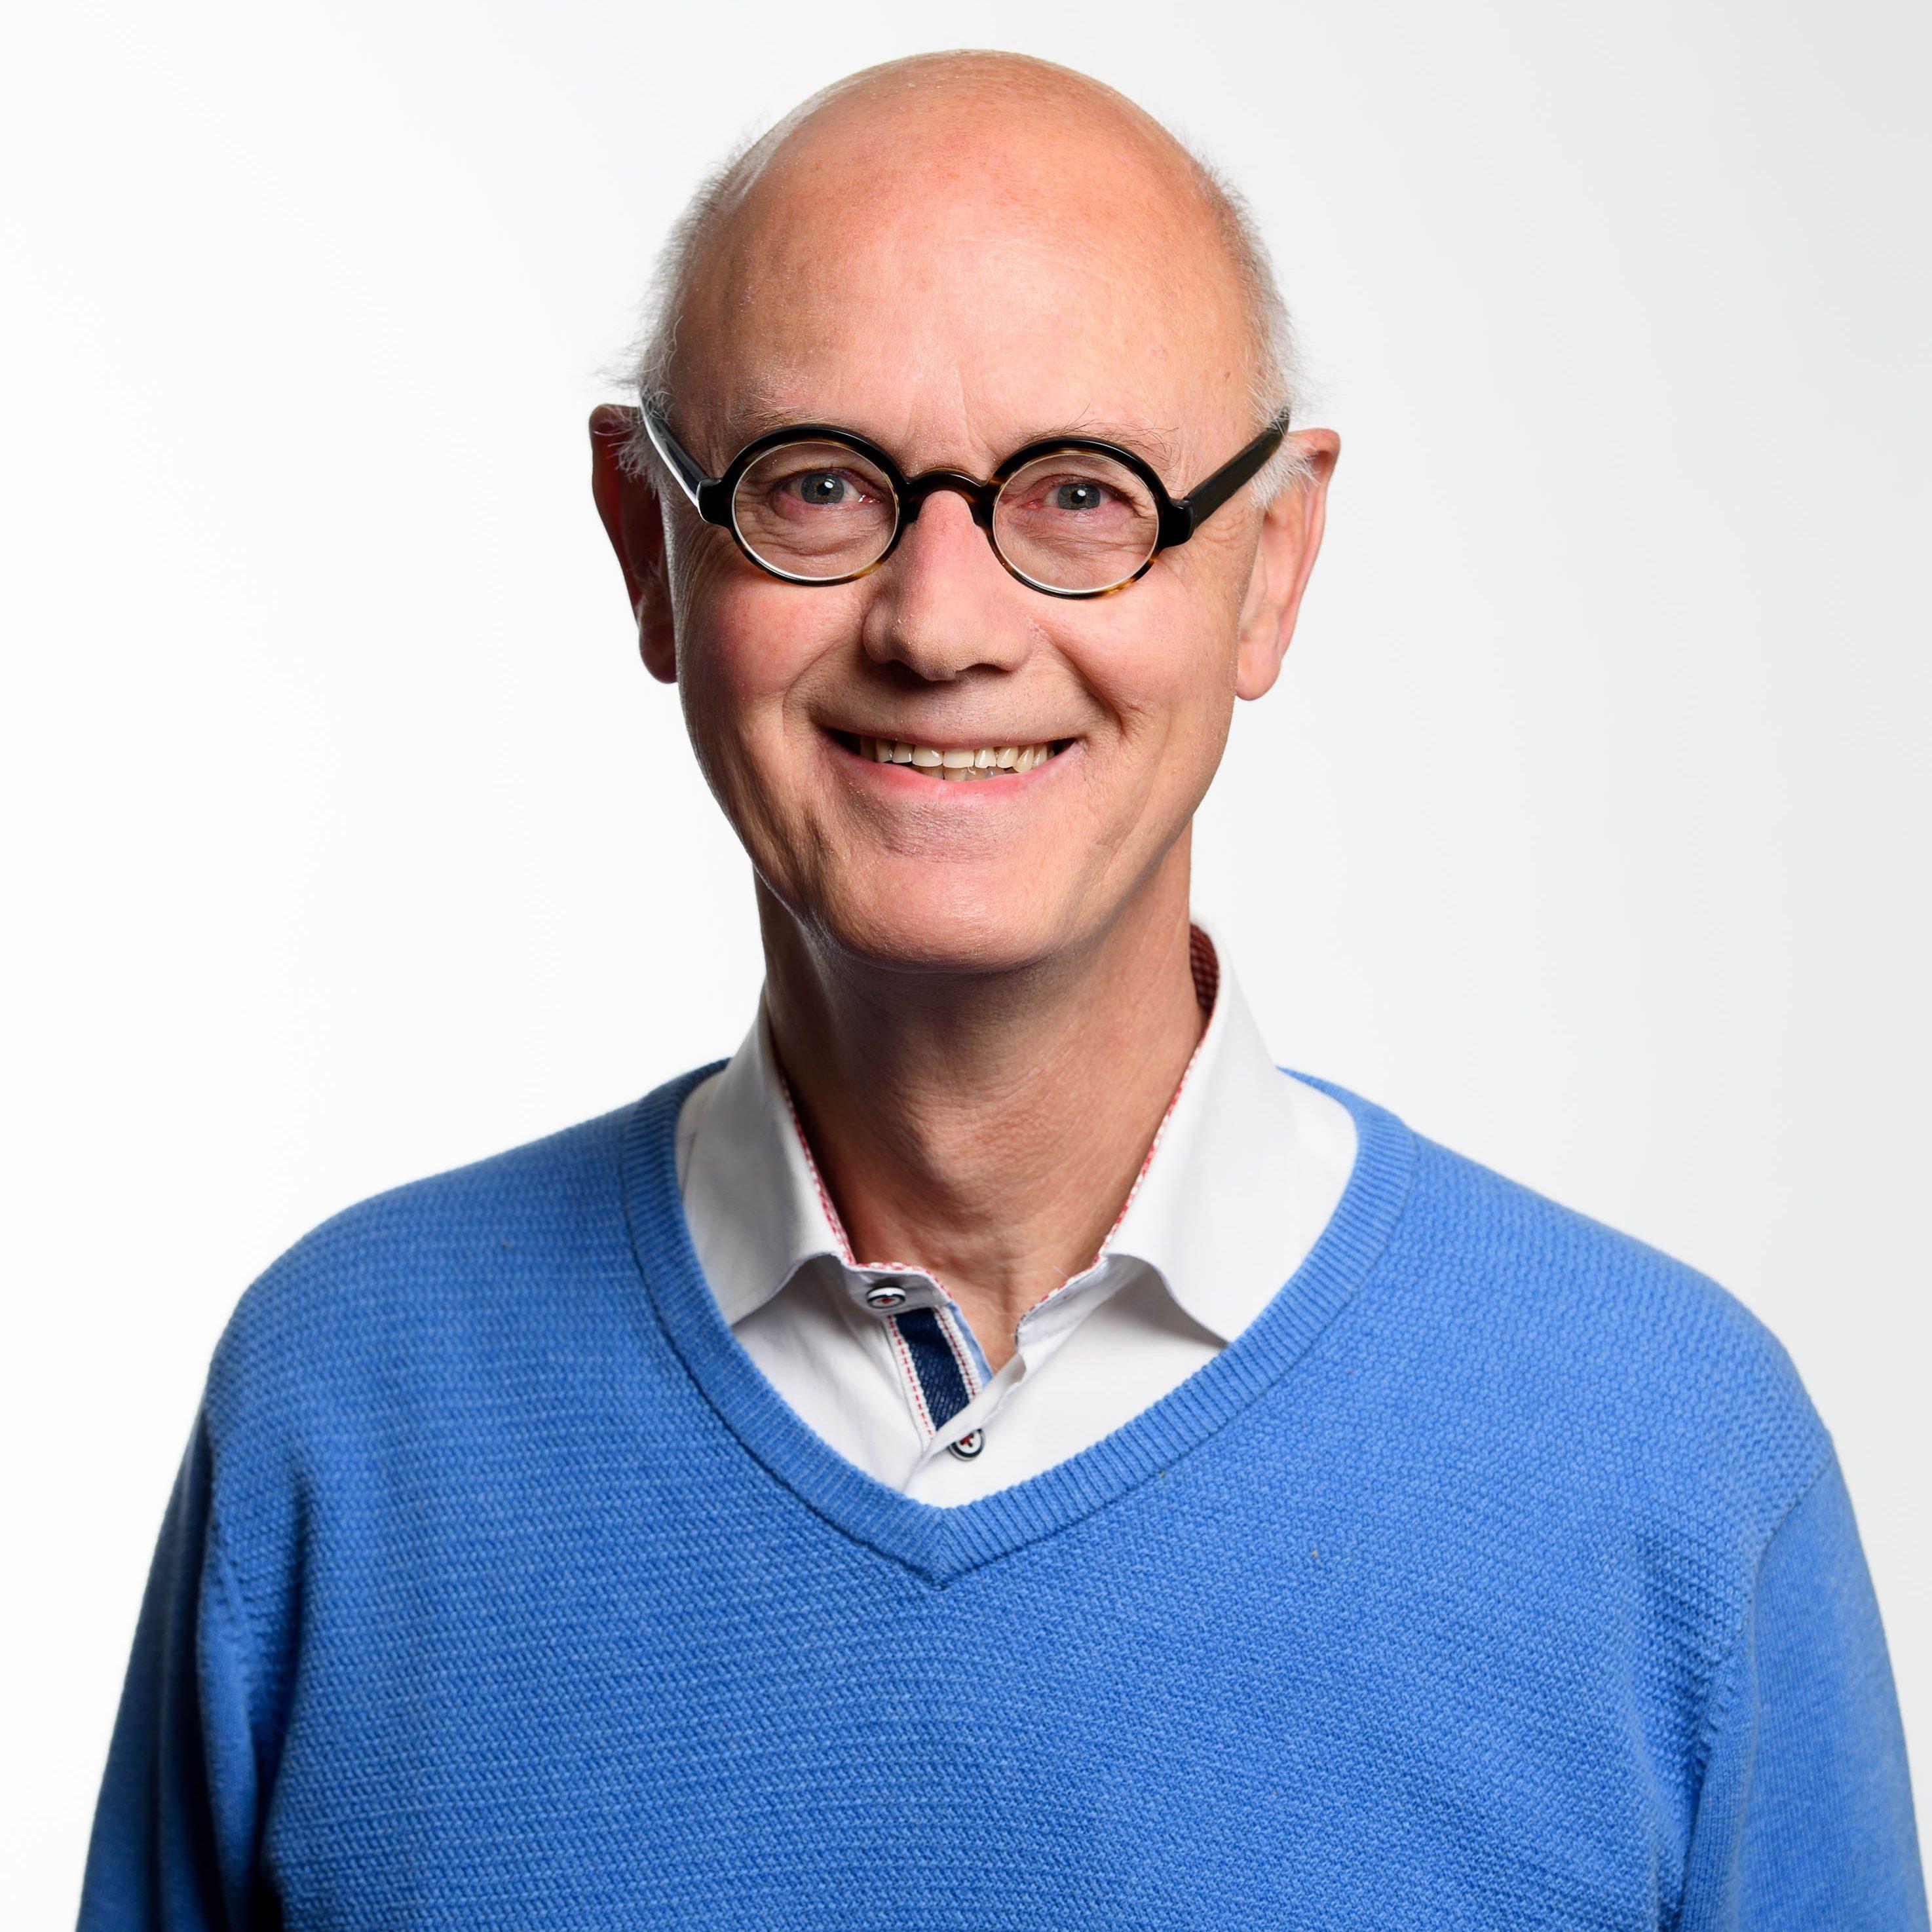 Herman Jurrius